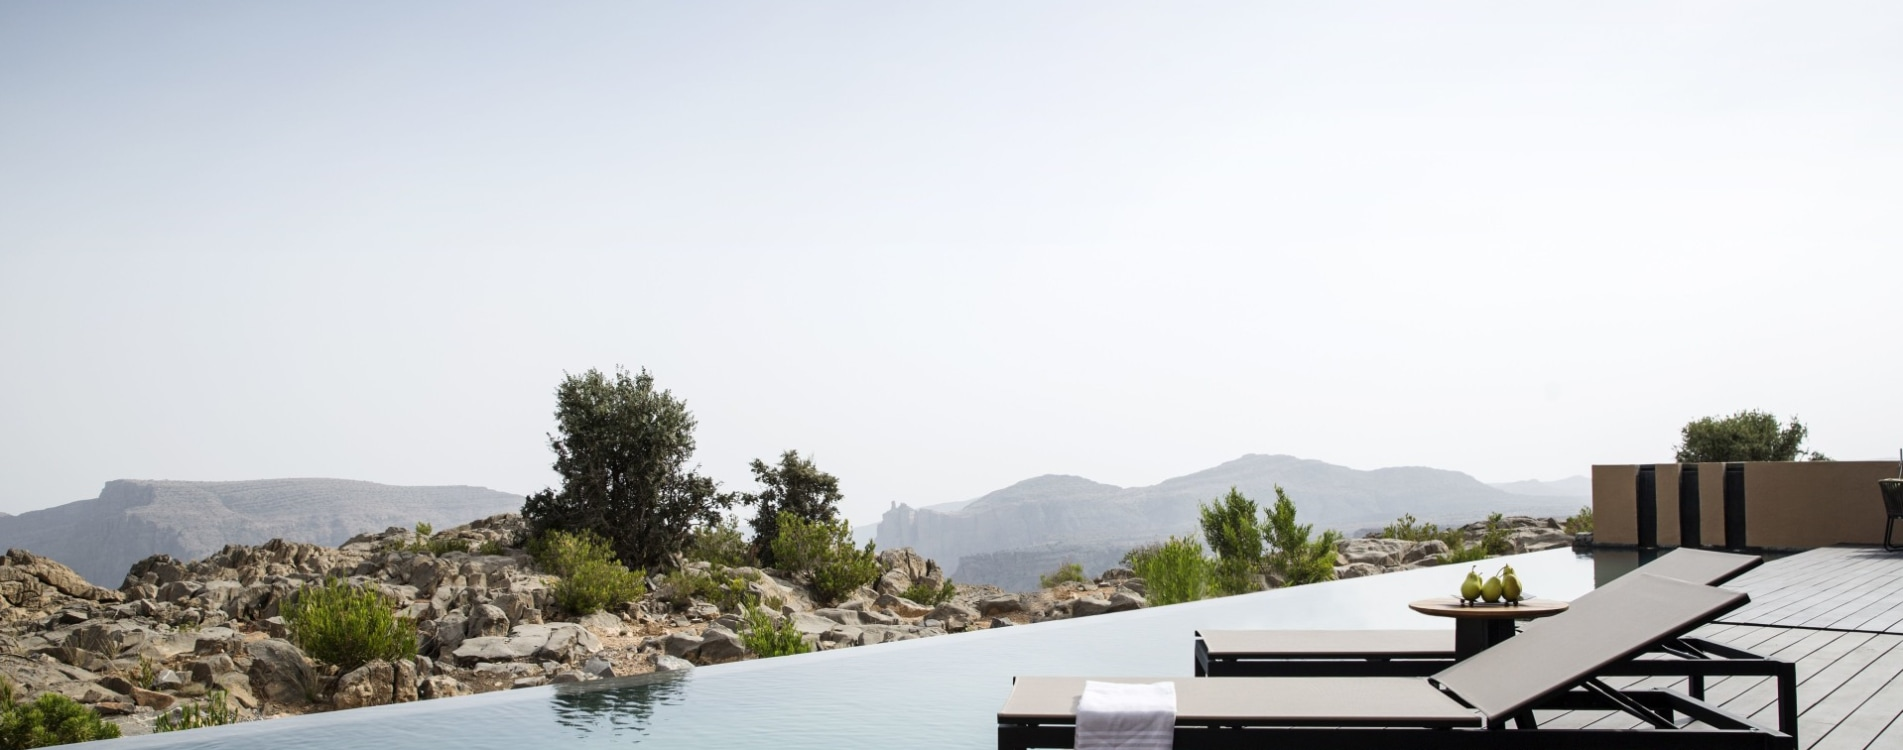 Anantara-Al-Jabal-Al-Akhdar-Resort-Cliff-Pool-Villa-Sonnenliegen-Pool-Oman.jpg